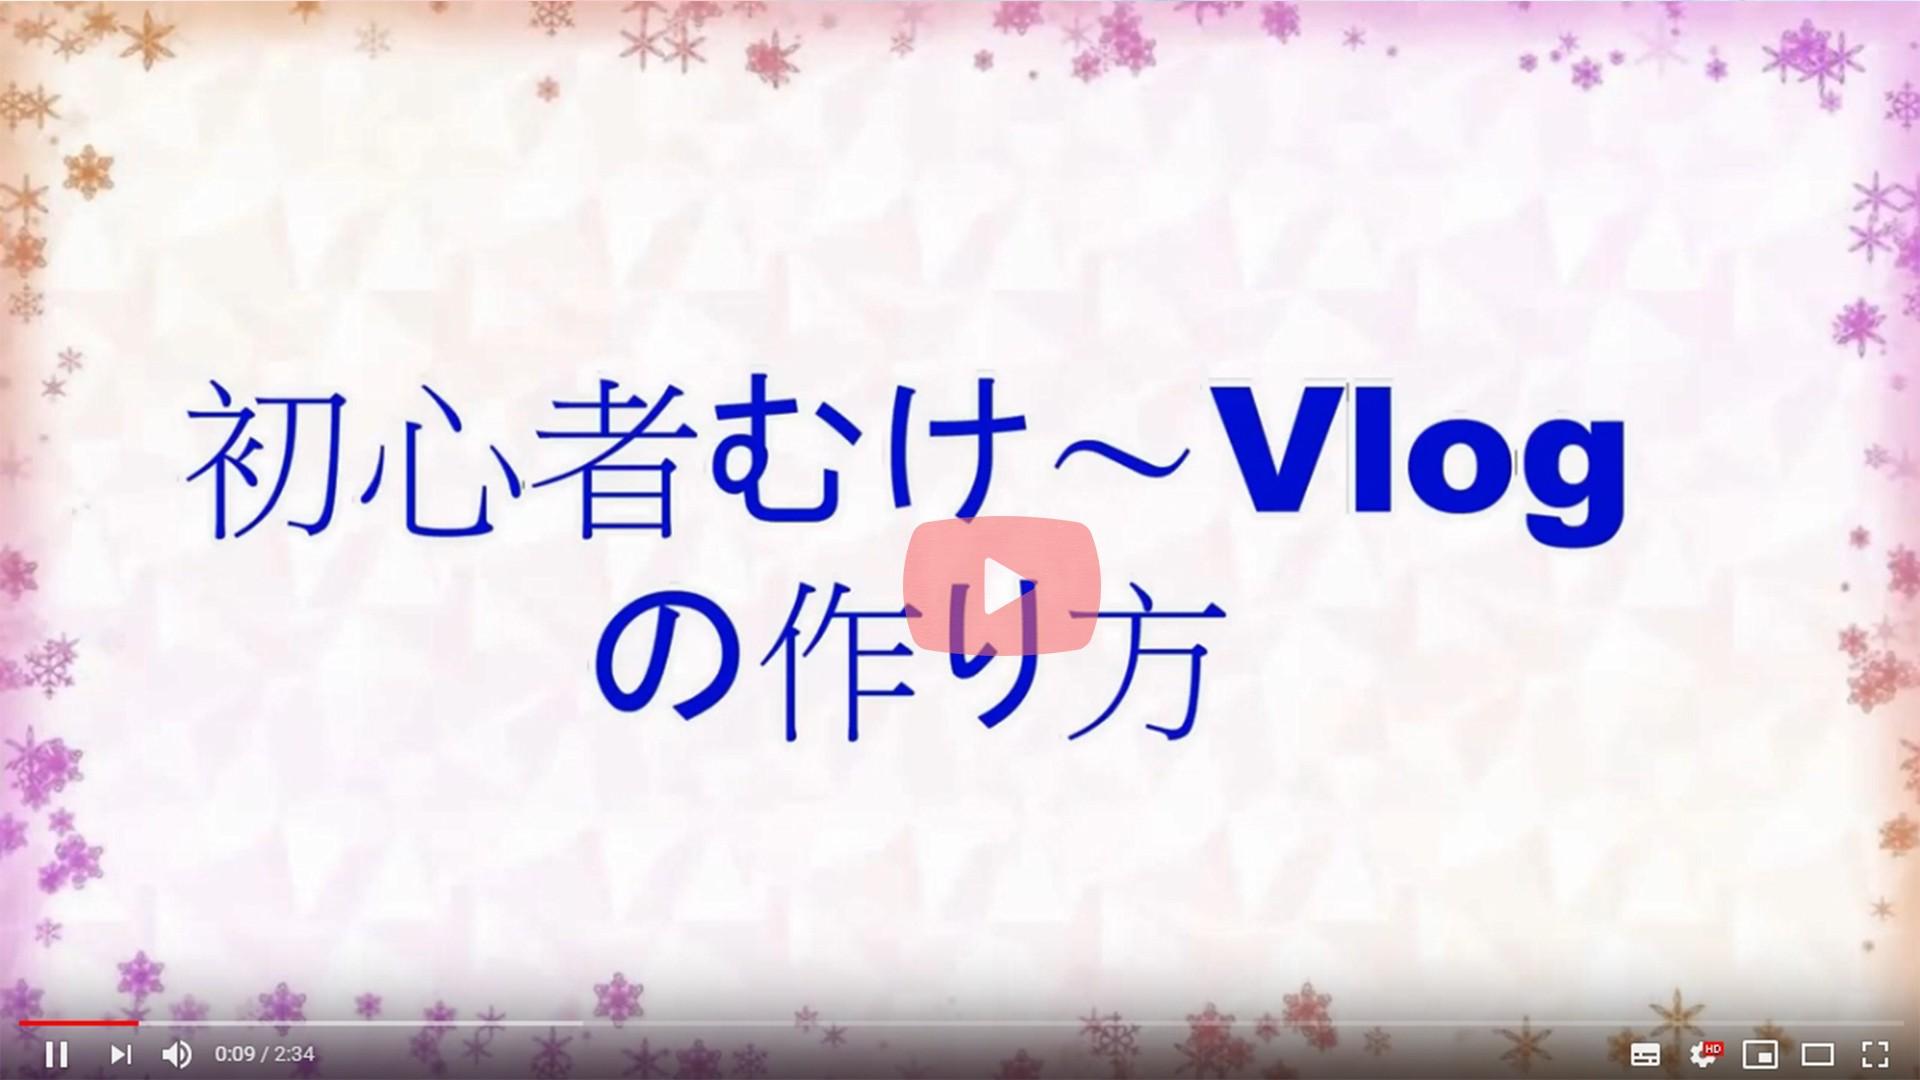 ブログ 無料動画